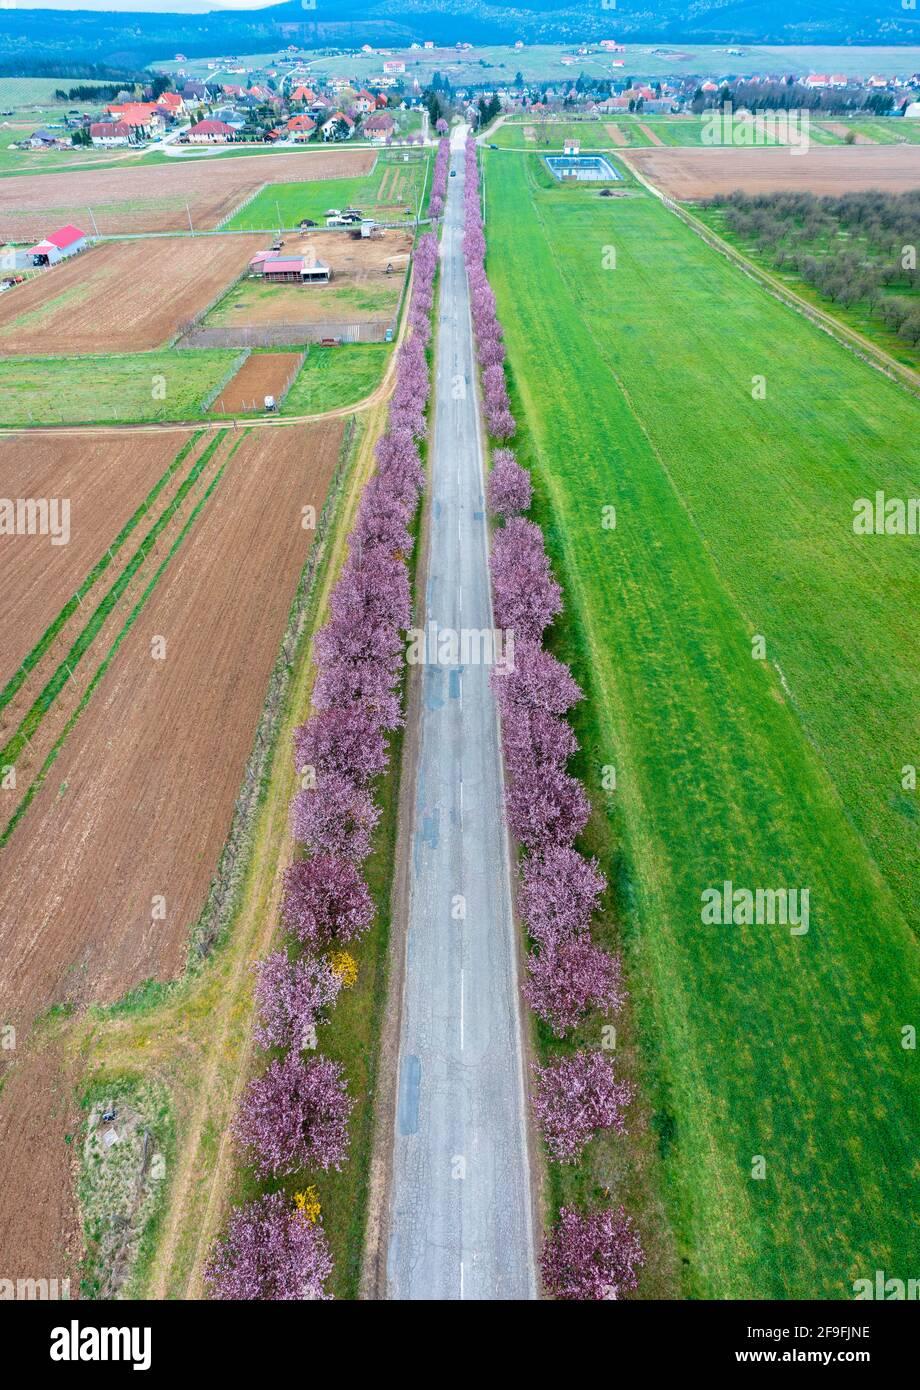 Berkenye, Hungría - Vista aérea sobre los hermosos árboles de ciruela en flor junto a la carretera. Paisaje del amanecer en primavera, flor de cerezo. Foto de stock